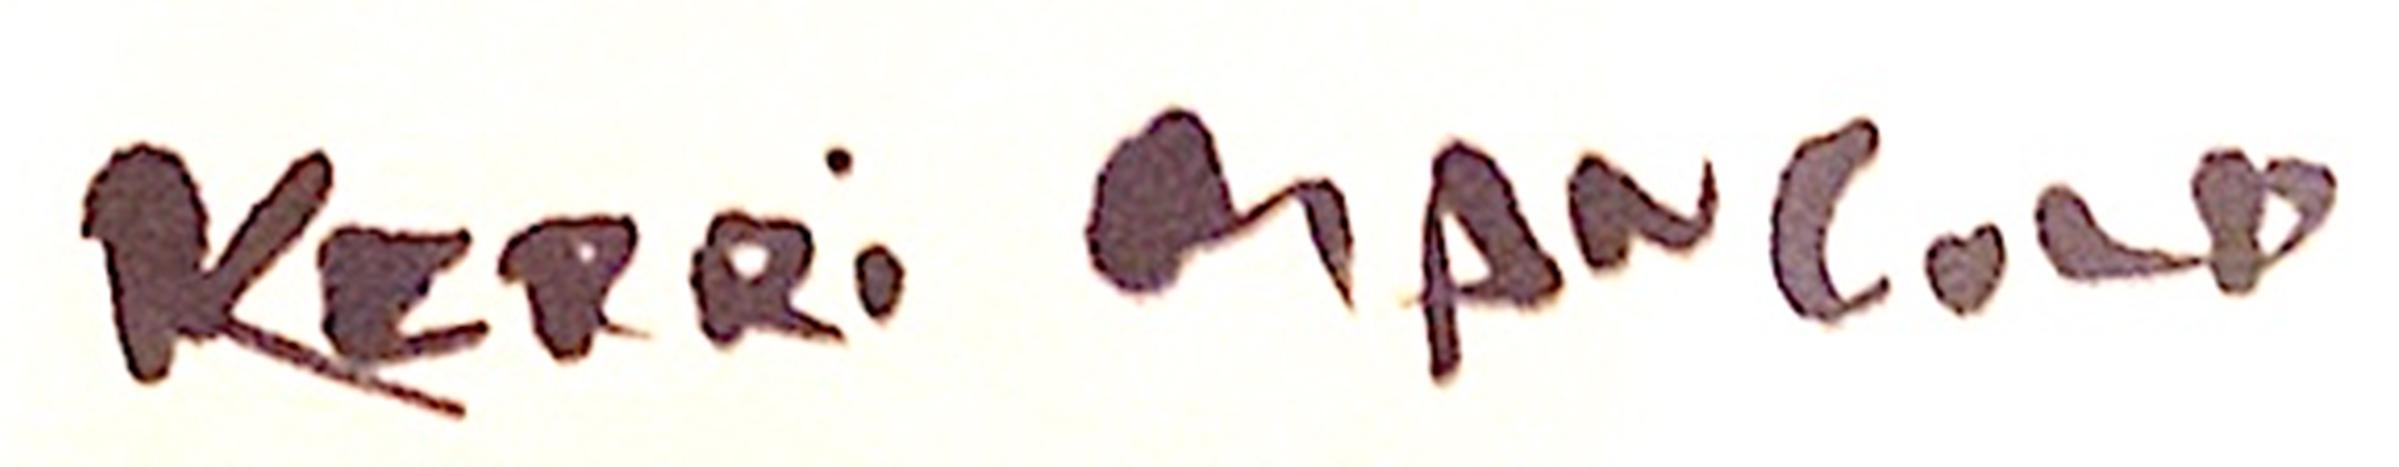 KERRI MANGOLD's Signature